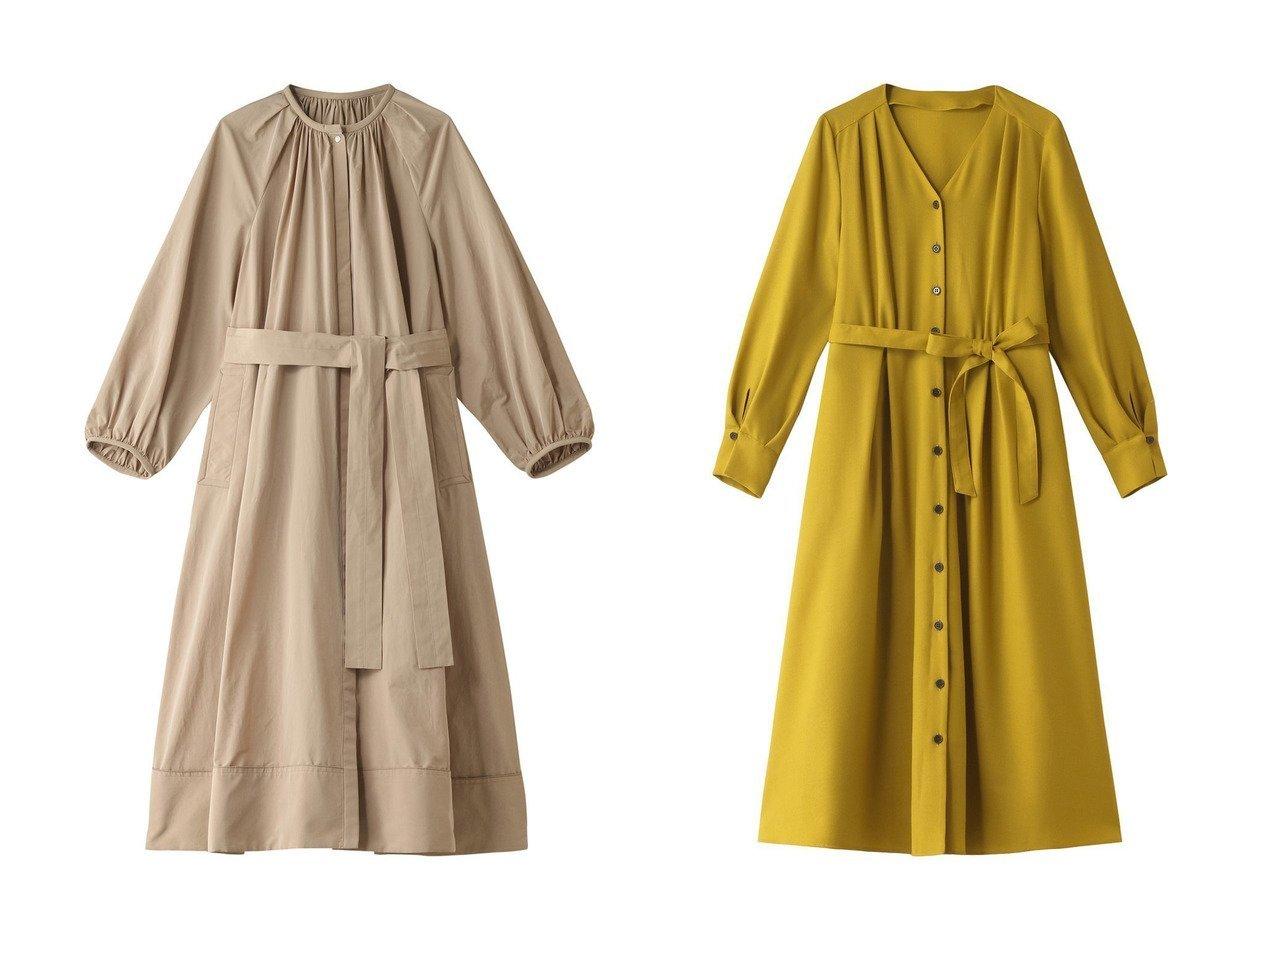 【PLAIN PEOPLE/プレインピープル】のタフタシャツワンピース&【ANAYI/アナイ】のジョーゼットVネックワンピース ワンピース・ドレスのおすすめ!人気、トレンド・レディースファッションの通販 おすすめで人気の流行・トレンド、ファッションの通販商品 メンズファッション・キッズファッション・インテリア・家具・レディースファッション・服の通販 founy(ファニー) https://founy.com/ ファッション Fashion レディースファッション WOMEN ワンピース Dress シャツワンピース Shirt Dresses 2020年 2020 2020-2021 秋冬 A/W AW Autumn/Winter / FW Fall-Winter 2020-2021 2021年 2021 2021 春夏 S/S SS Spring/Summer 2021 ギャザー タフタ フレア リボン ロング 春 Spring A/W 秋冬 AW Autumn/Winter / FW Fall-Winter ジョーゼット  ID:crp329100000011930